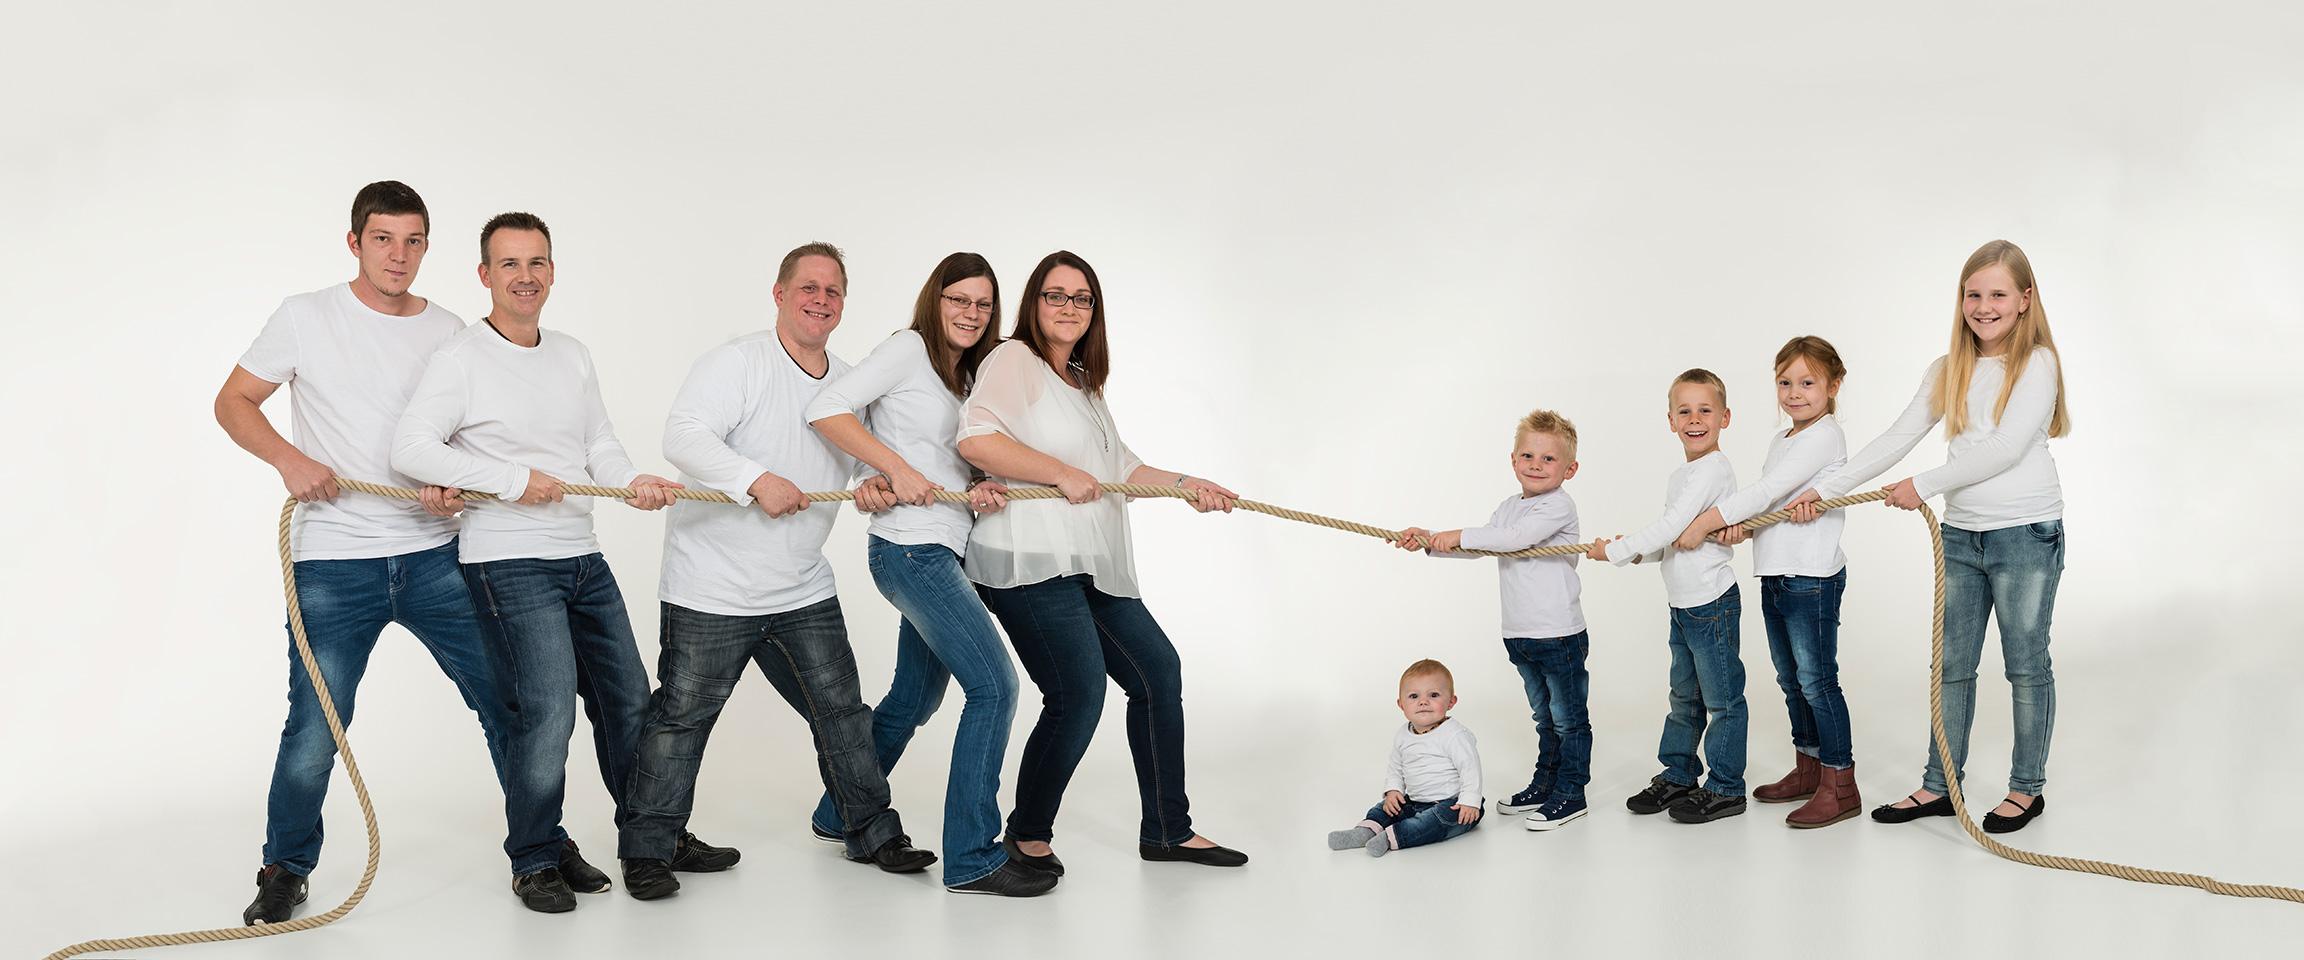 Familienfoto beim Tau ziehen und massig Spaß